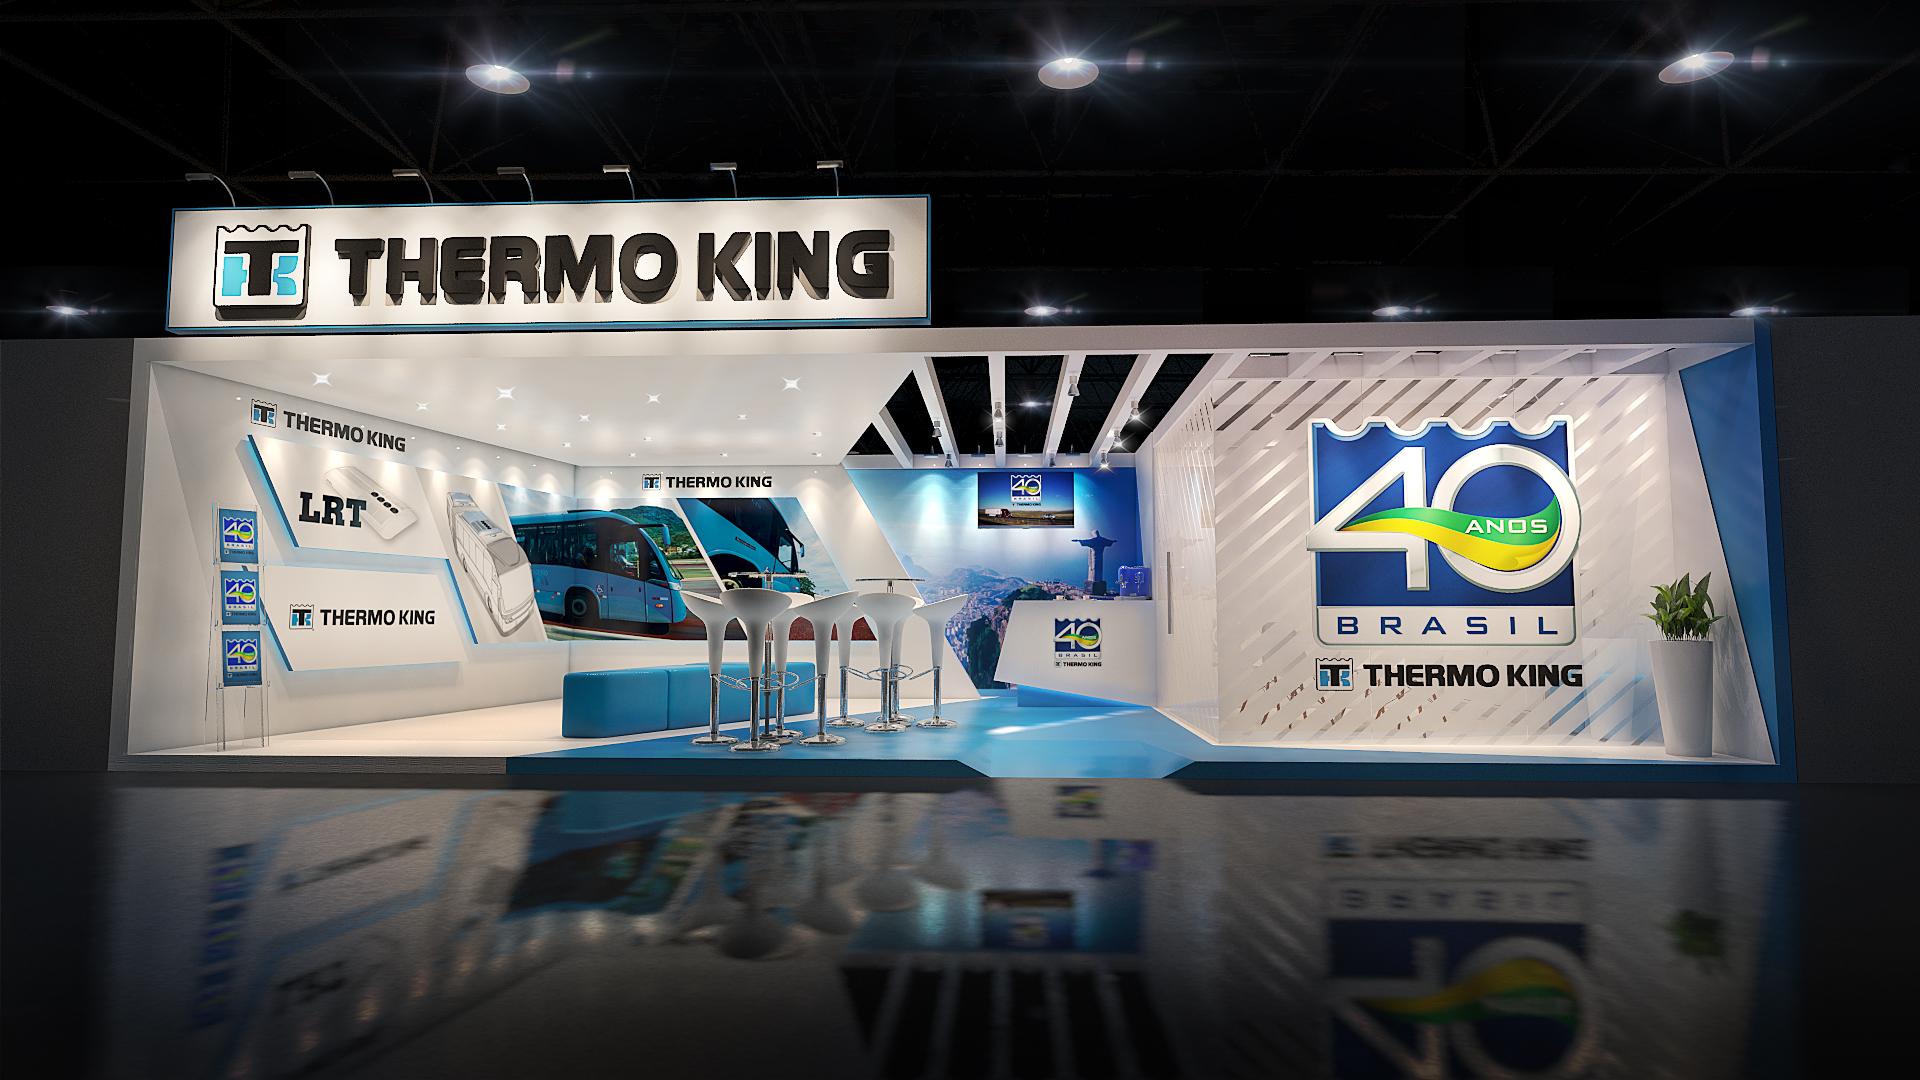 Estande Thermoking - Fetransrio